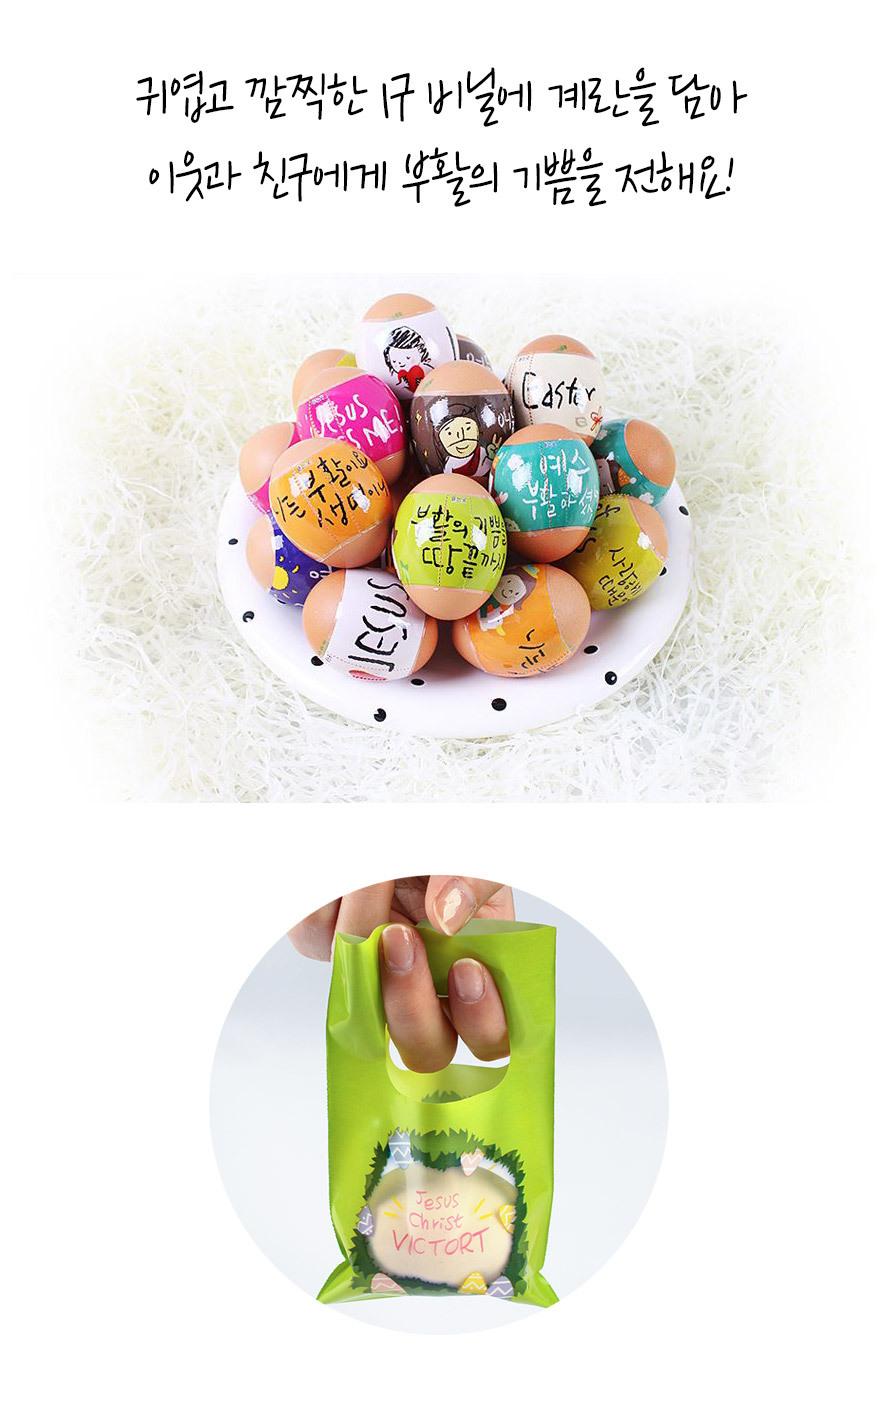 부활절 교회선물 포장재 1구 손잡이비닐 - 3.빅토리에 계란을 담아 부활의 기쁨을 전해요